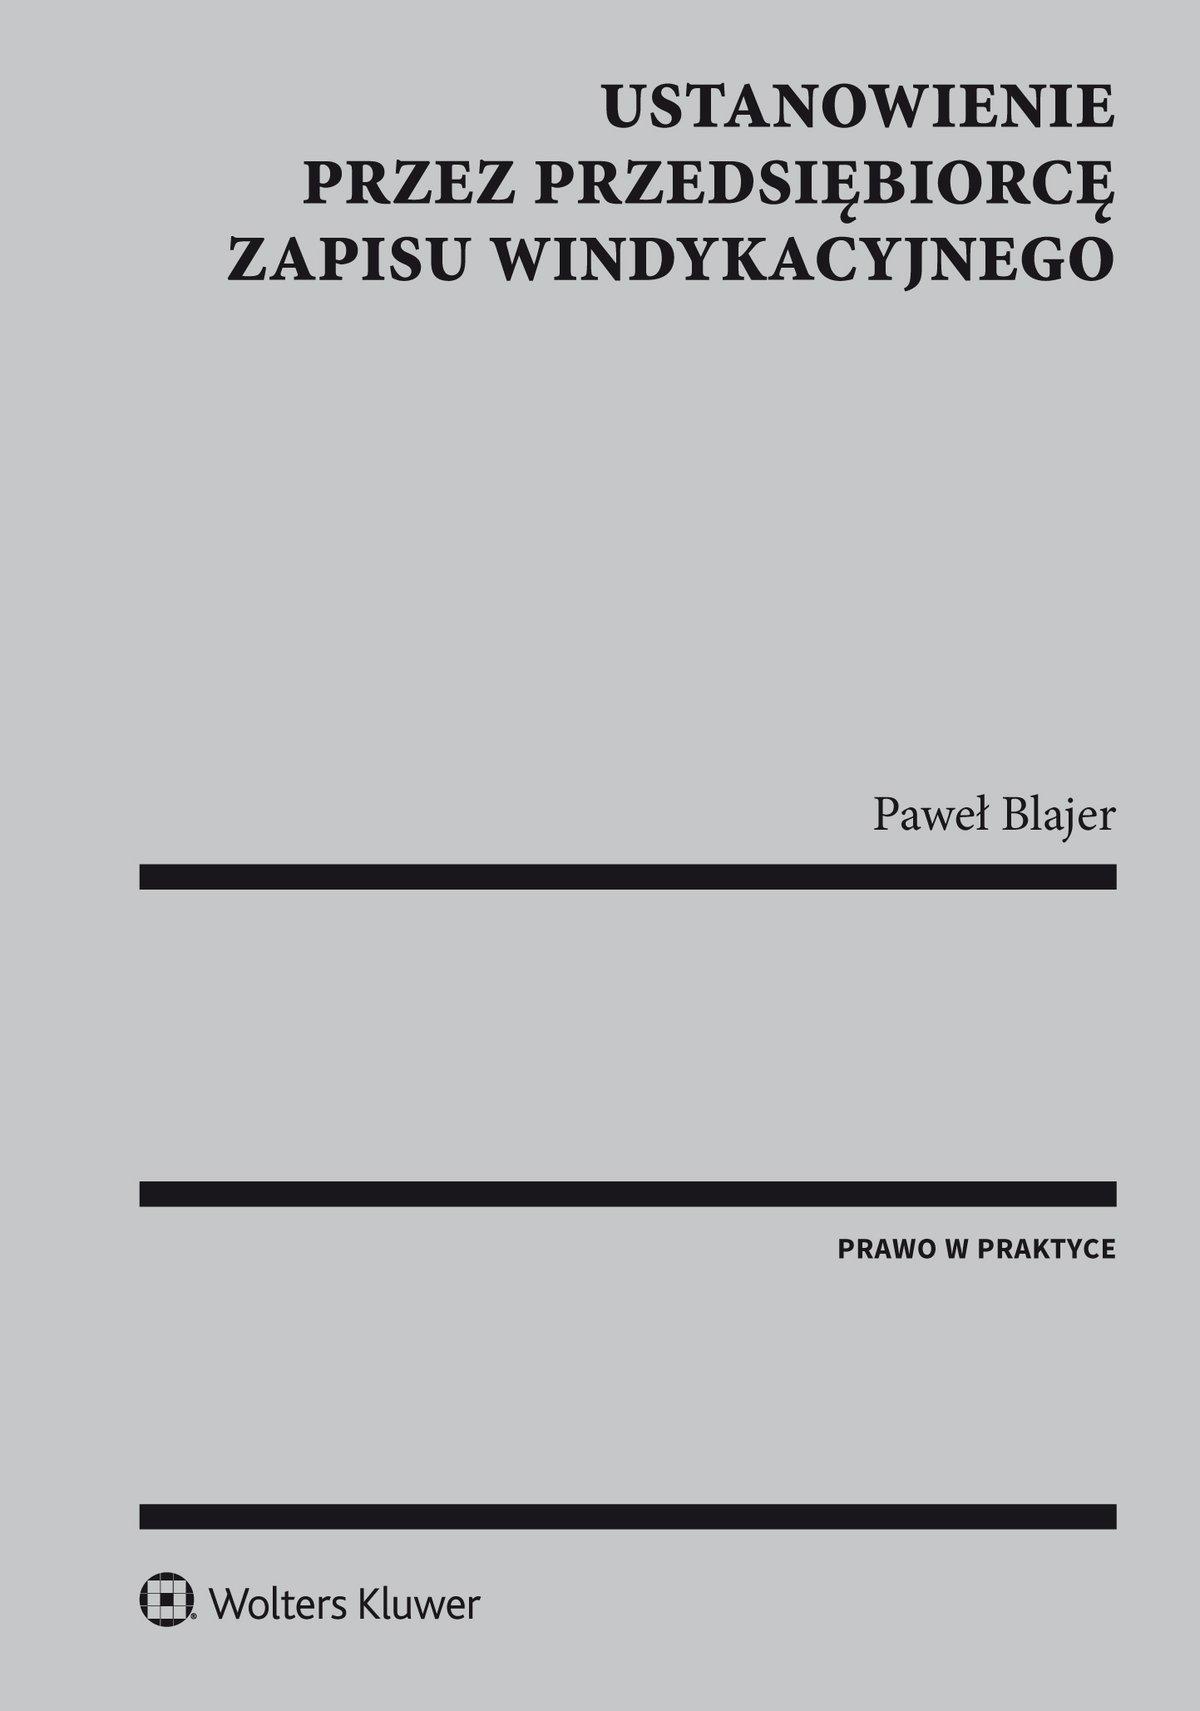 Ustanowienie przez przedsiębiorcę zapisu windykacyjnego - Ebook (Książka PDF) do pobrania w formacie PDF